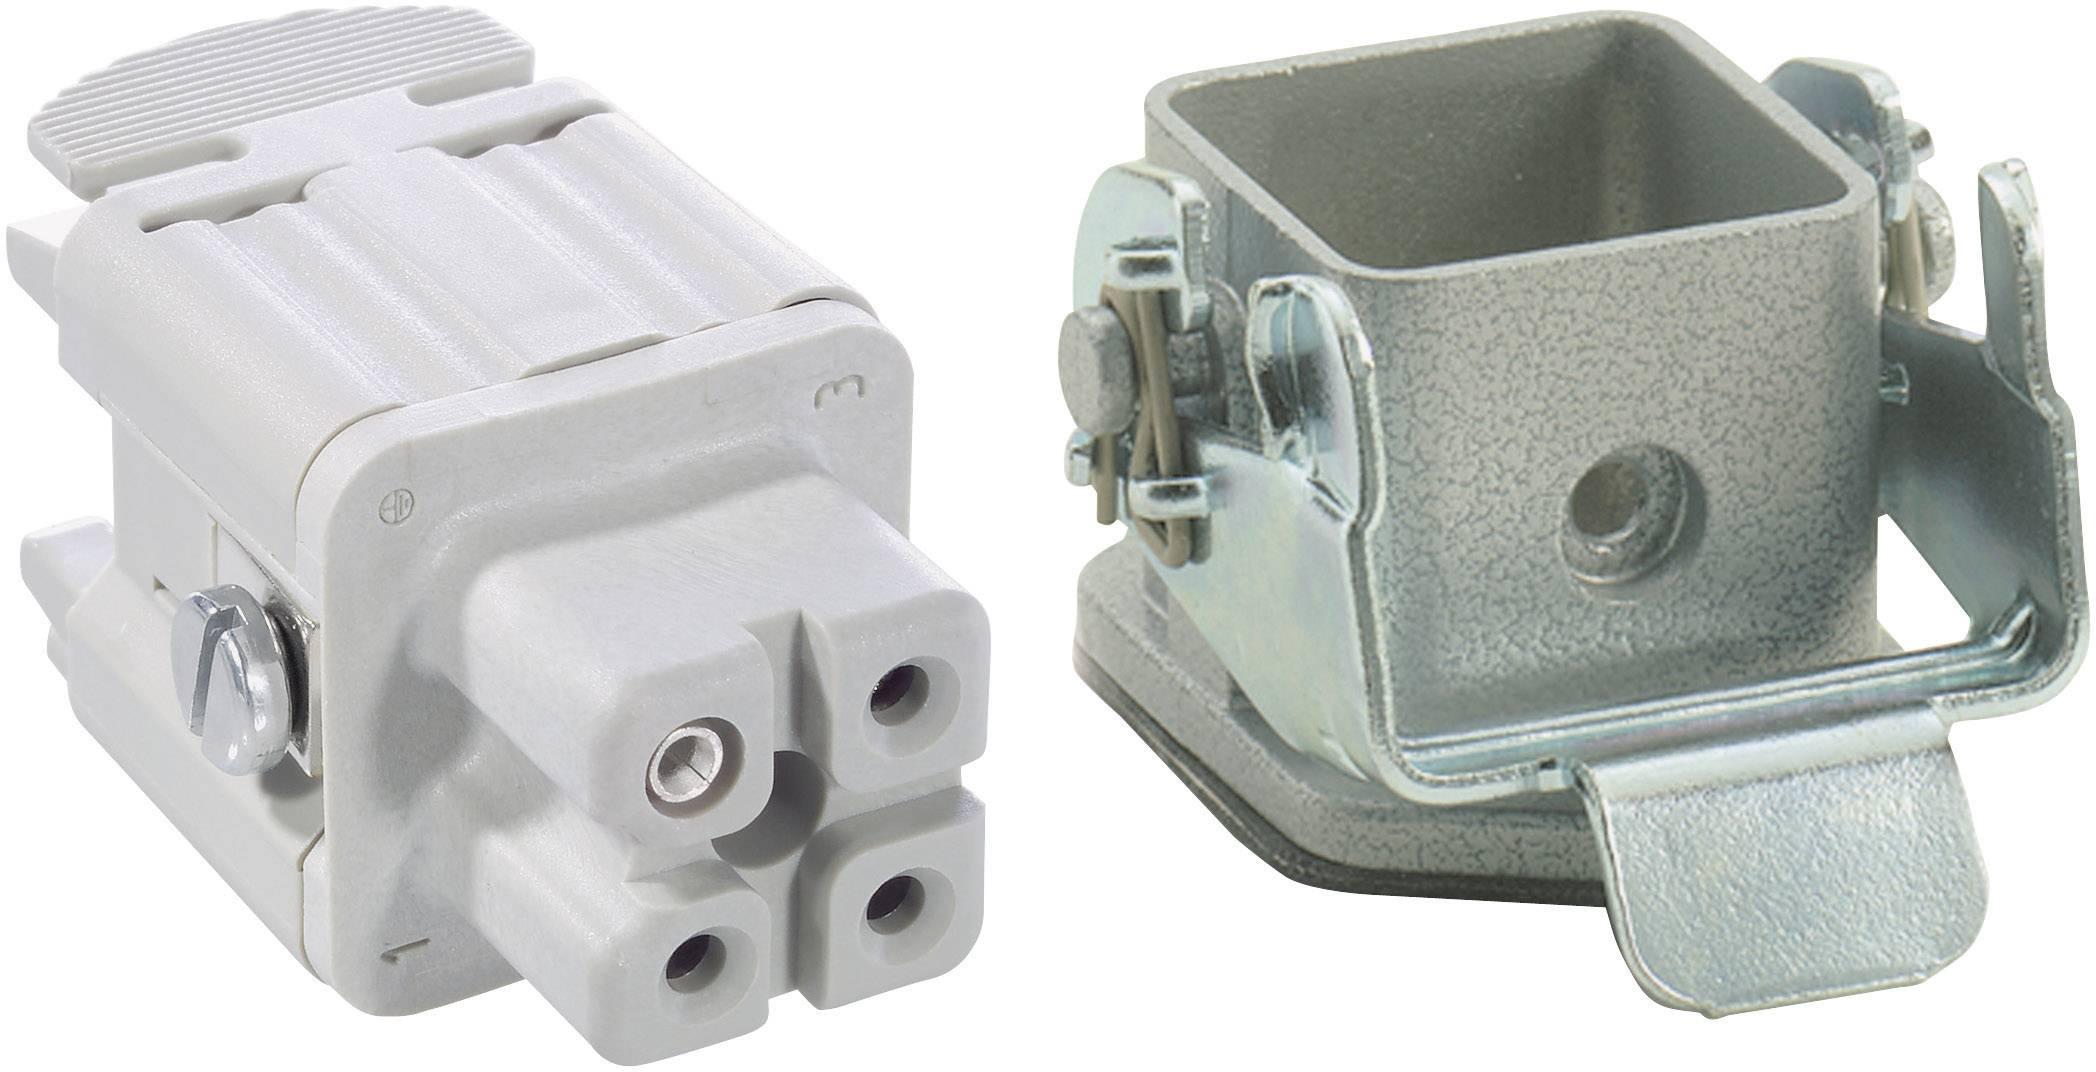 Sada konektorů EPIC®KIT H-A 3 75009606 LAPP 3 + PE šroubovací 1 sada